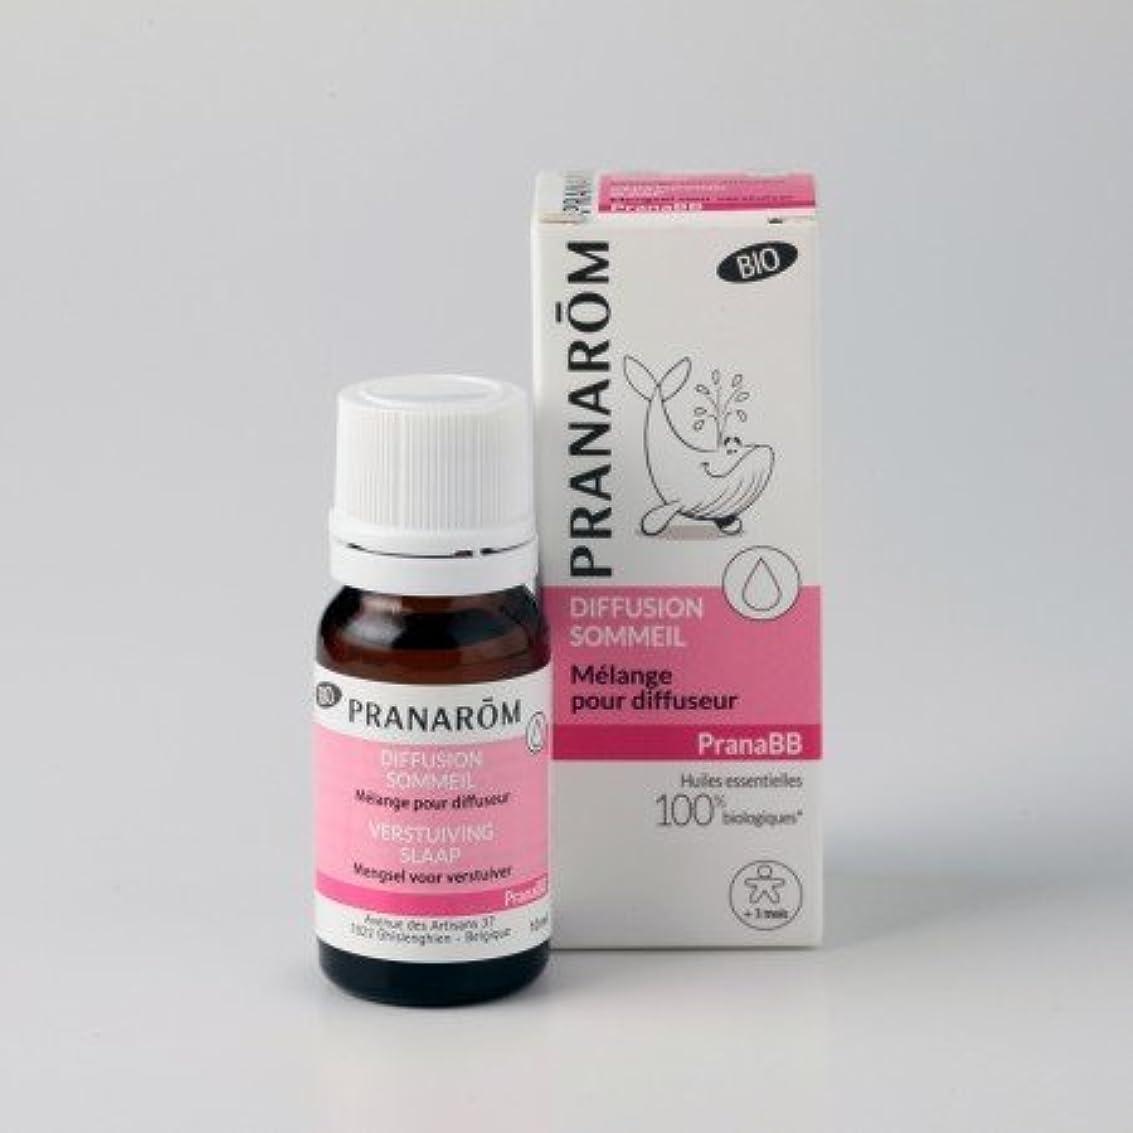 項目牛モードプラナロム ( PRANAROM ) ルームコロン ディフューザーオイル?スリープ 10ml 02611 プラナBB ディフューザーブレンドオイル